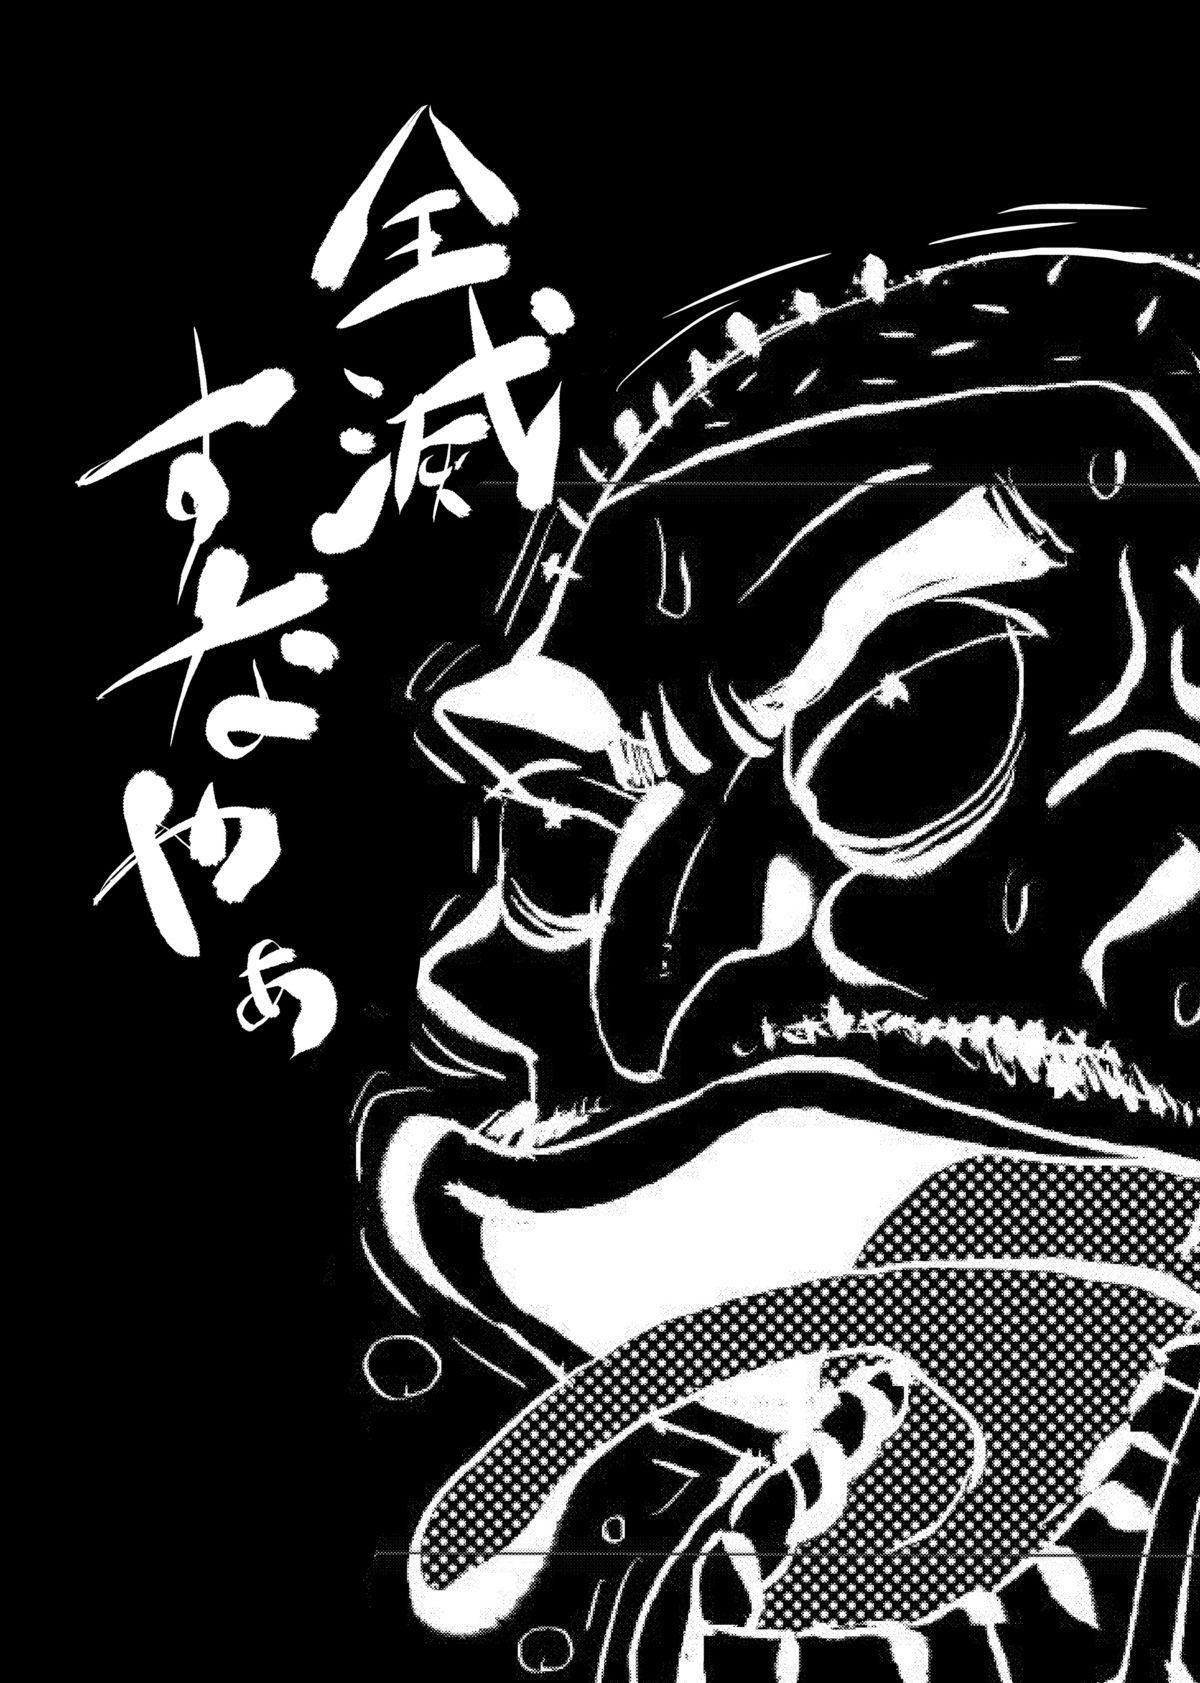 Zettai ni Zenmetsushite wa Ikenai DraQue 70